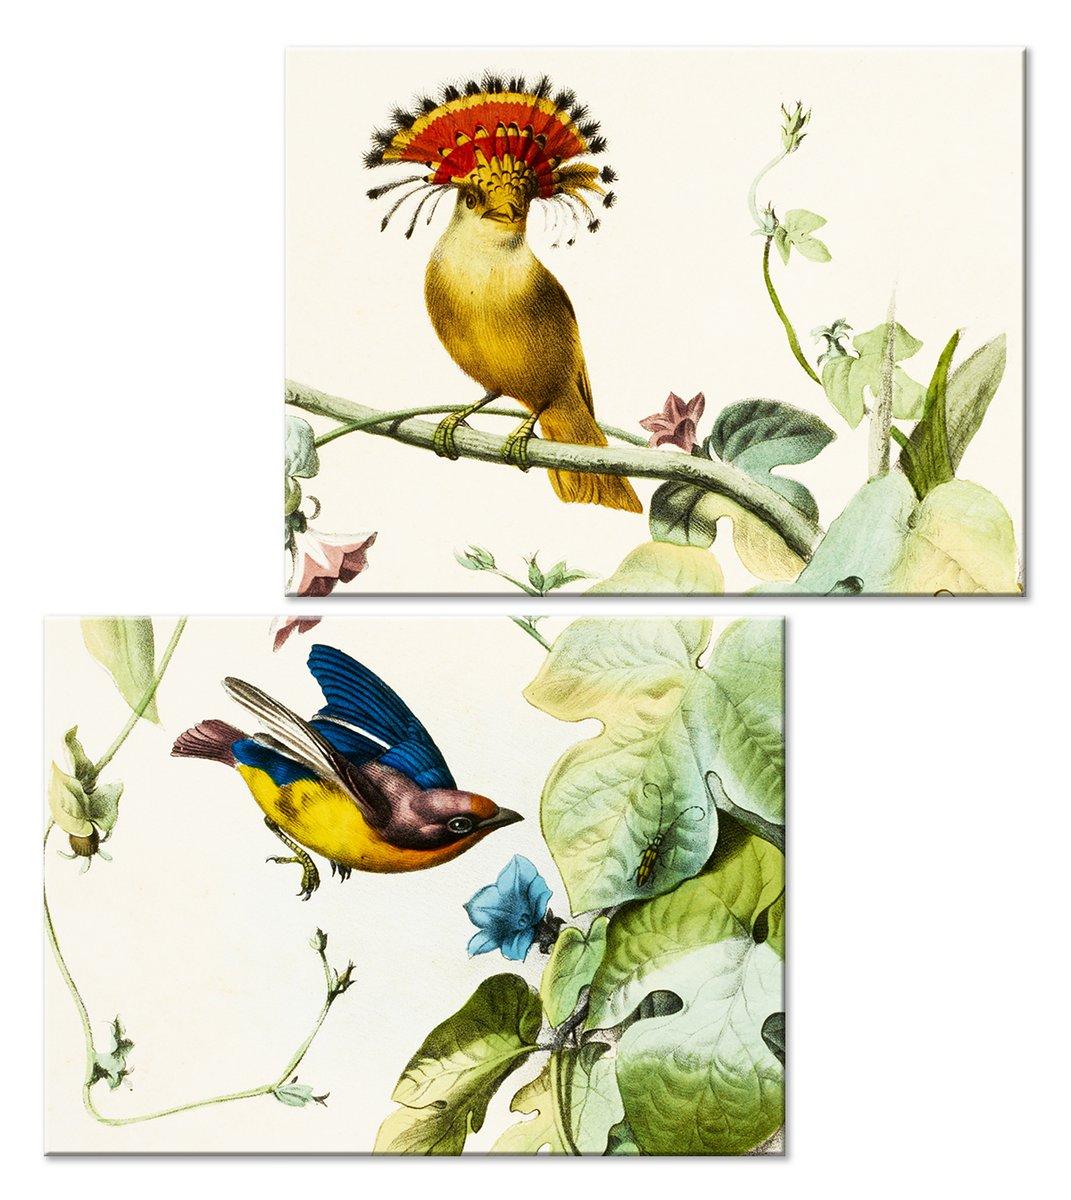 Модульная картина «Волшебные птички»Животные и птицы<br>Модульная картина на натуральном холсте и деревянном подрамнике. Подвес в комплекте. Трехслойная надежная упаковка. Доставим в любую точку России. Вам осталось только повесить картину на стену!<br>